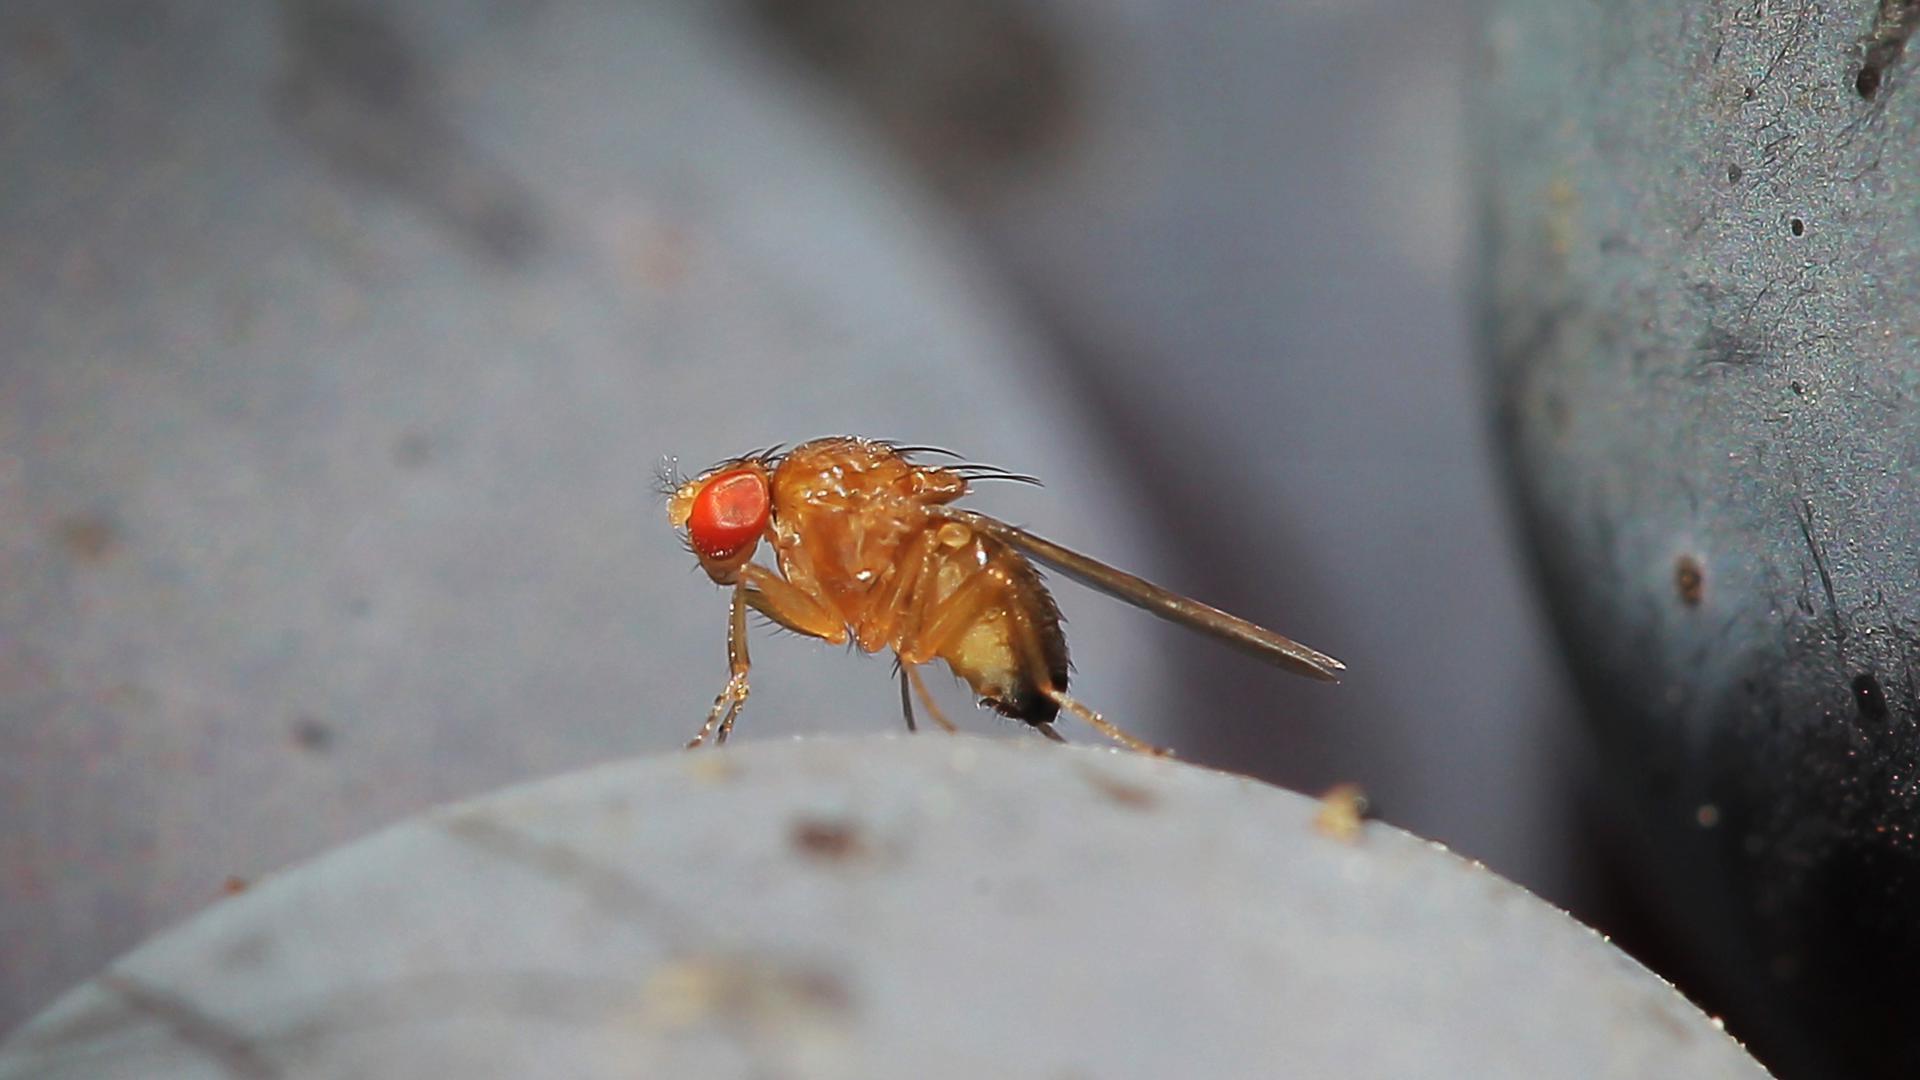 Eine Kirschessigfliege (Drosophila suzukii) sitzt in einem Weinberg in Bensheim an der Bergstraße (Hessen) auf einer Traube der Sorte Portugieser.